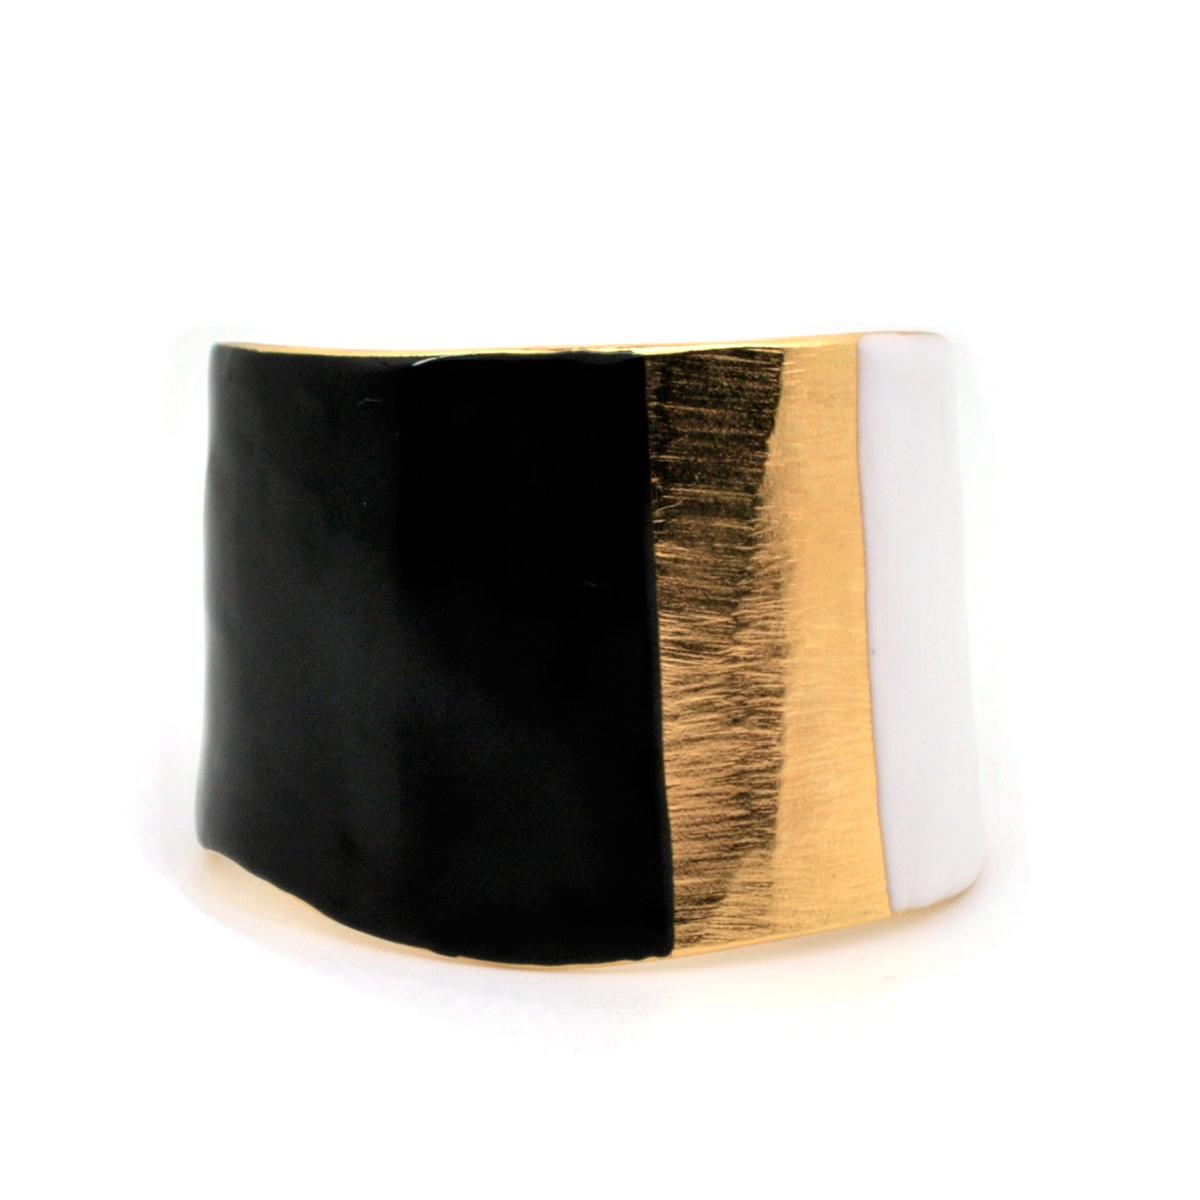 30br21o 3%c3%89t noir or seul blanc